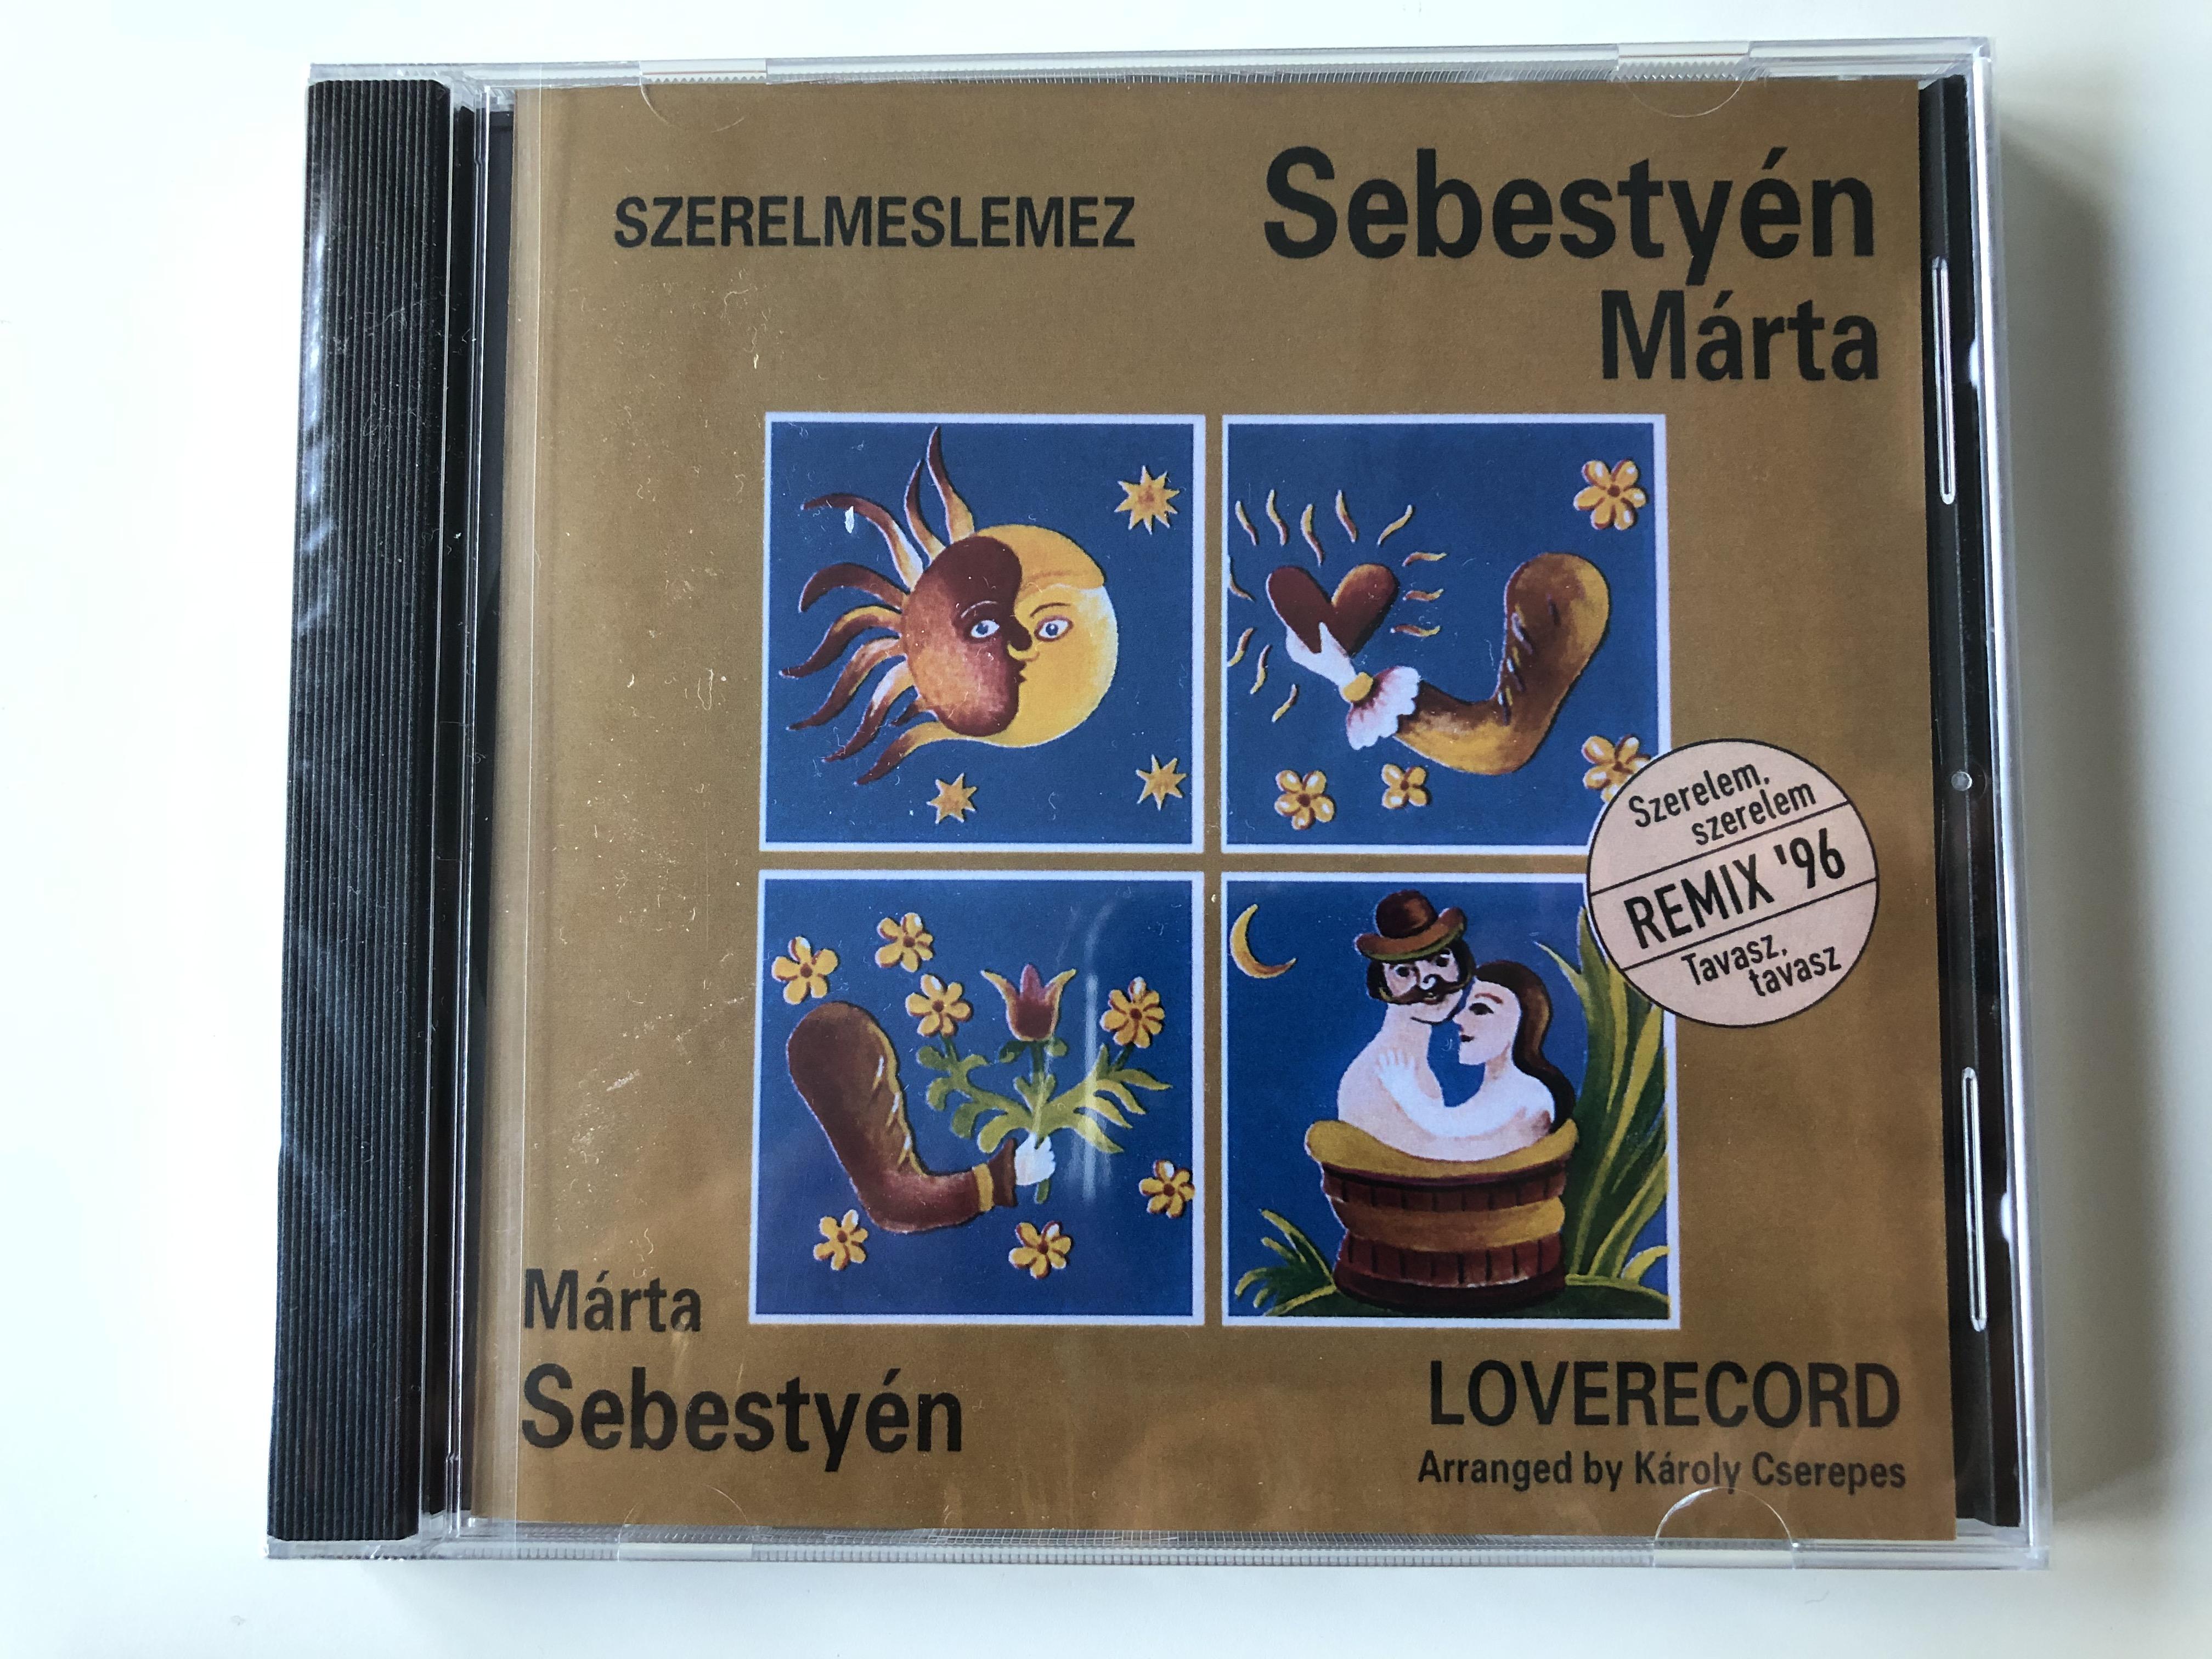 sebesty-n-m-rta-szerelmeslemez-loverecord-arranged-by-karoly-cserepes-szerelem-szerelem-tavasz-tavasz-remix-96-gong-audio-cd-1996-5991811793821-1-.jpg